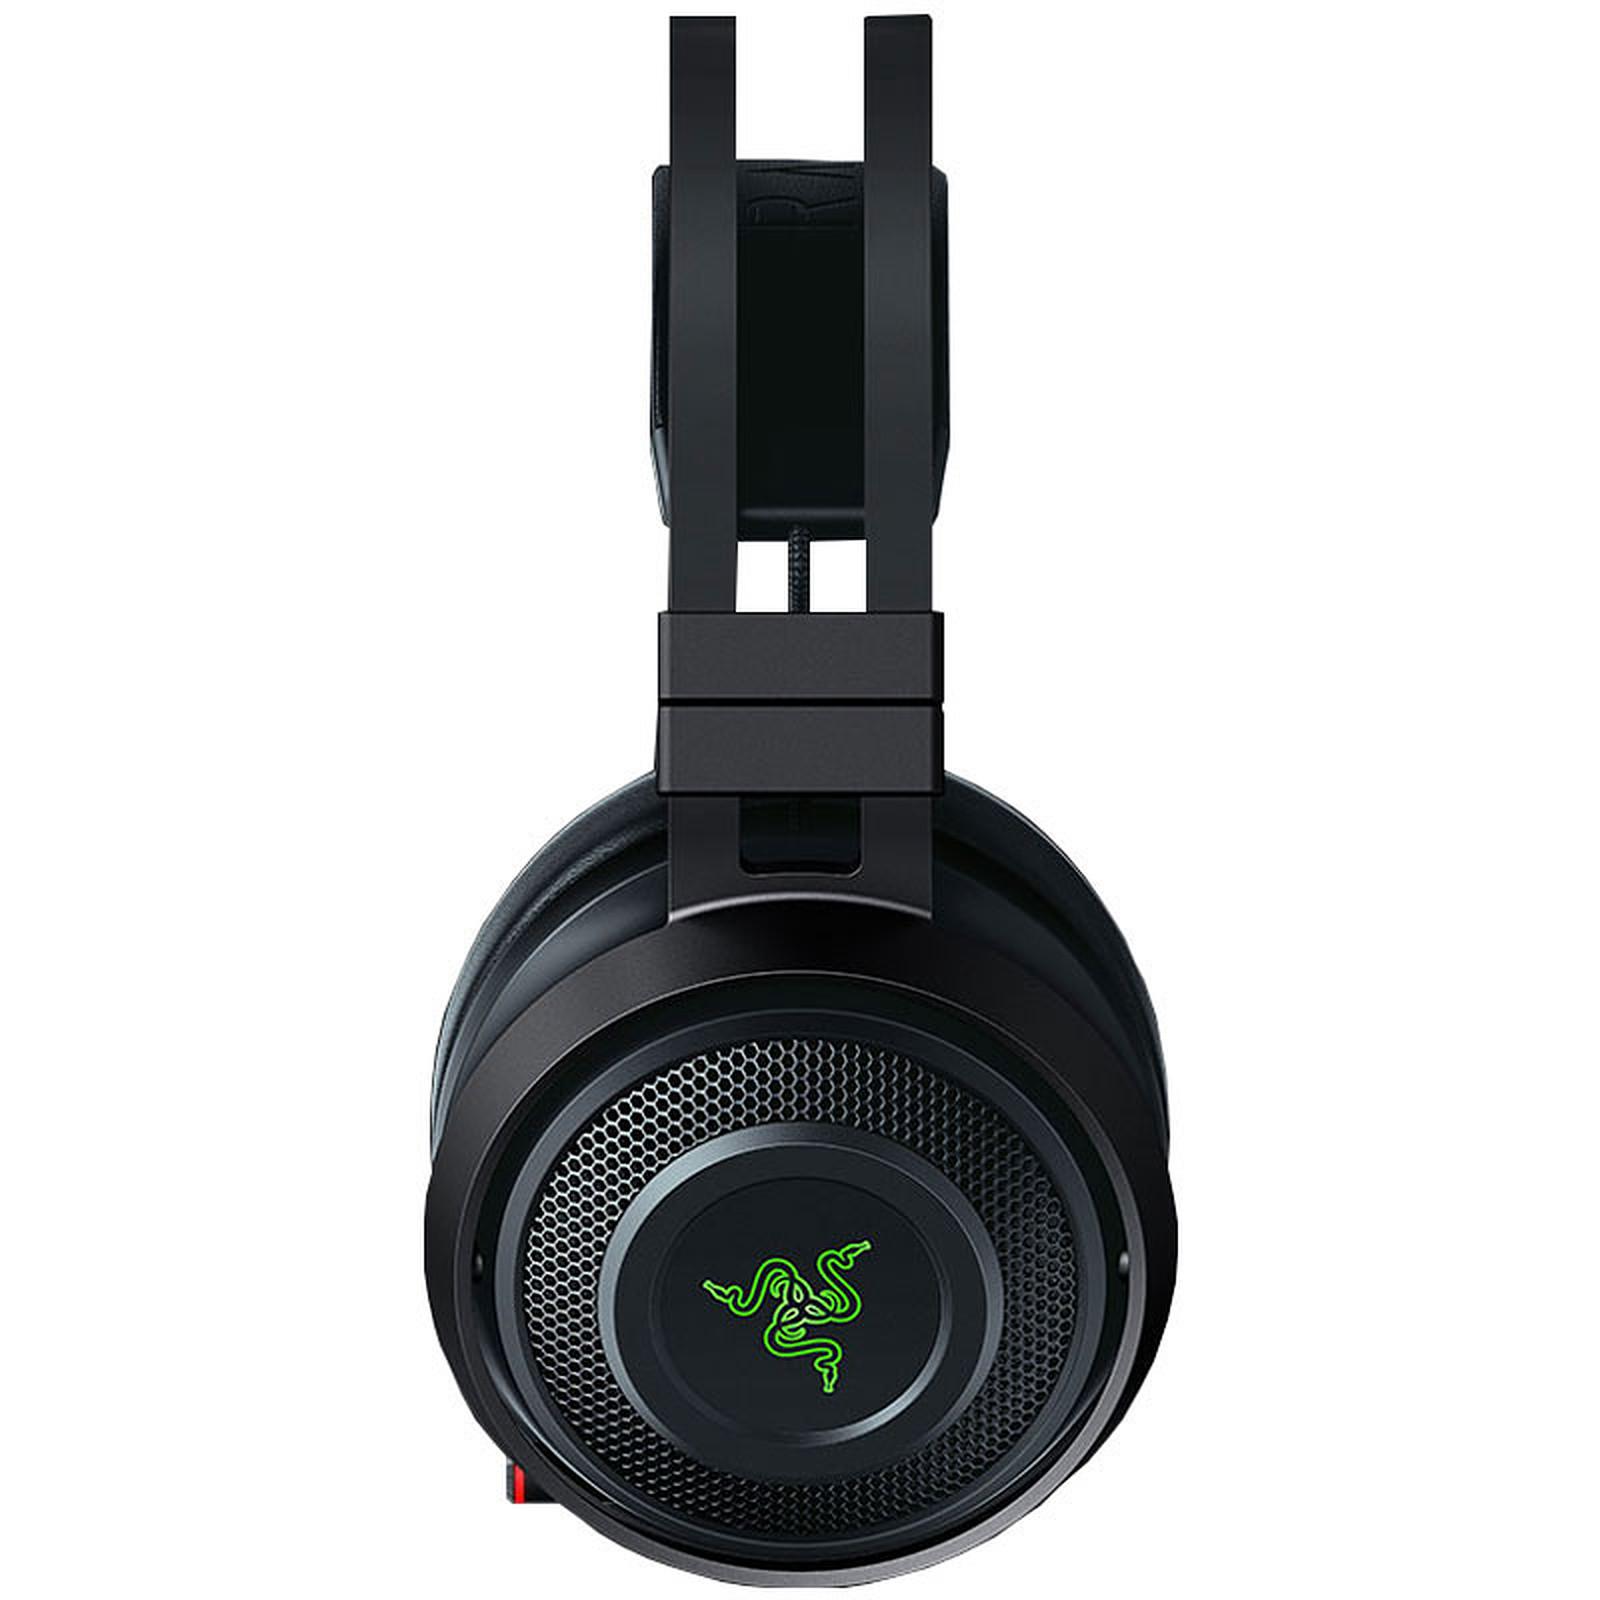 Le casque Razer Nari Ultimate est à 129,99€ seulement en ce moment www.heavybull.com